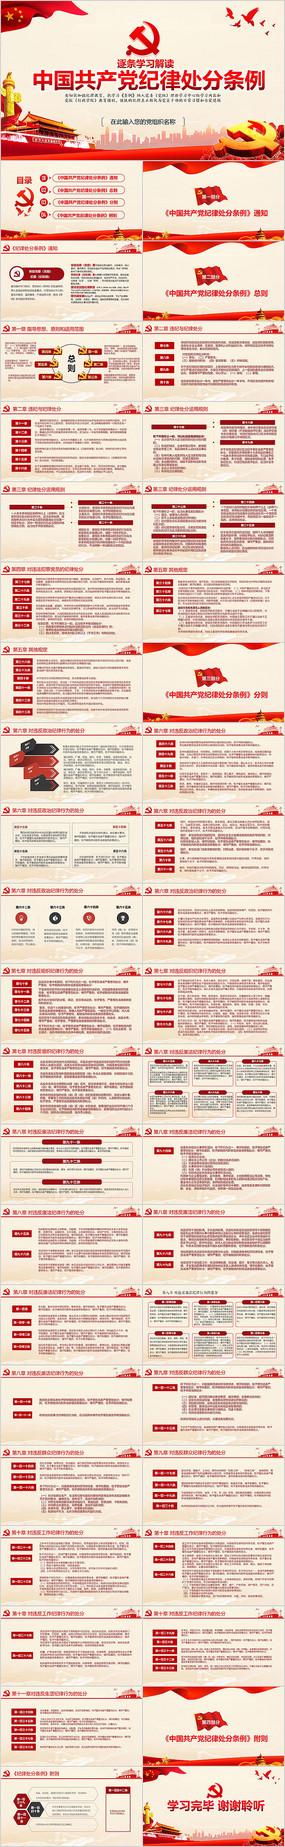 中国共产党纪律处分条例PPT pptx